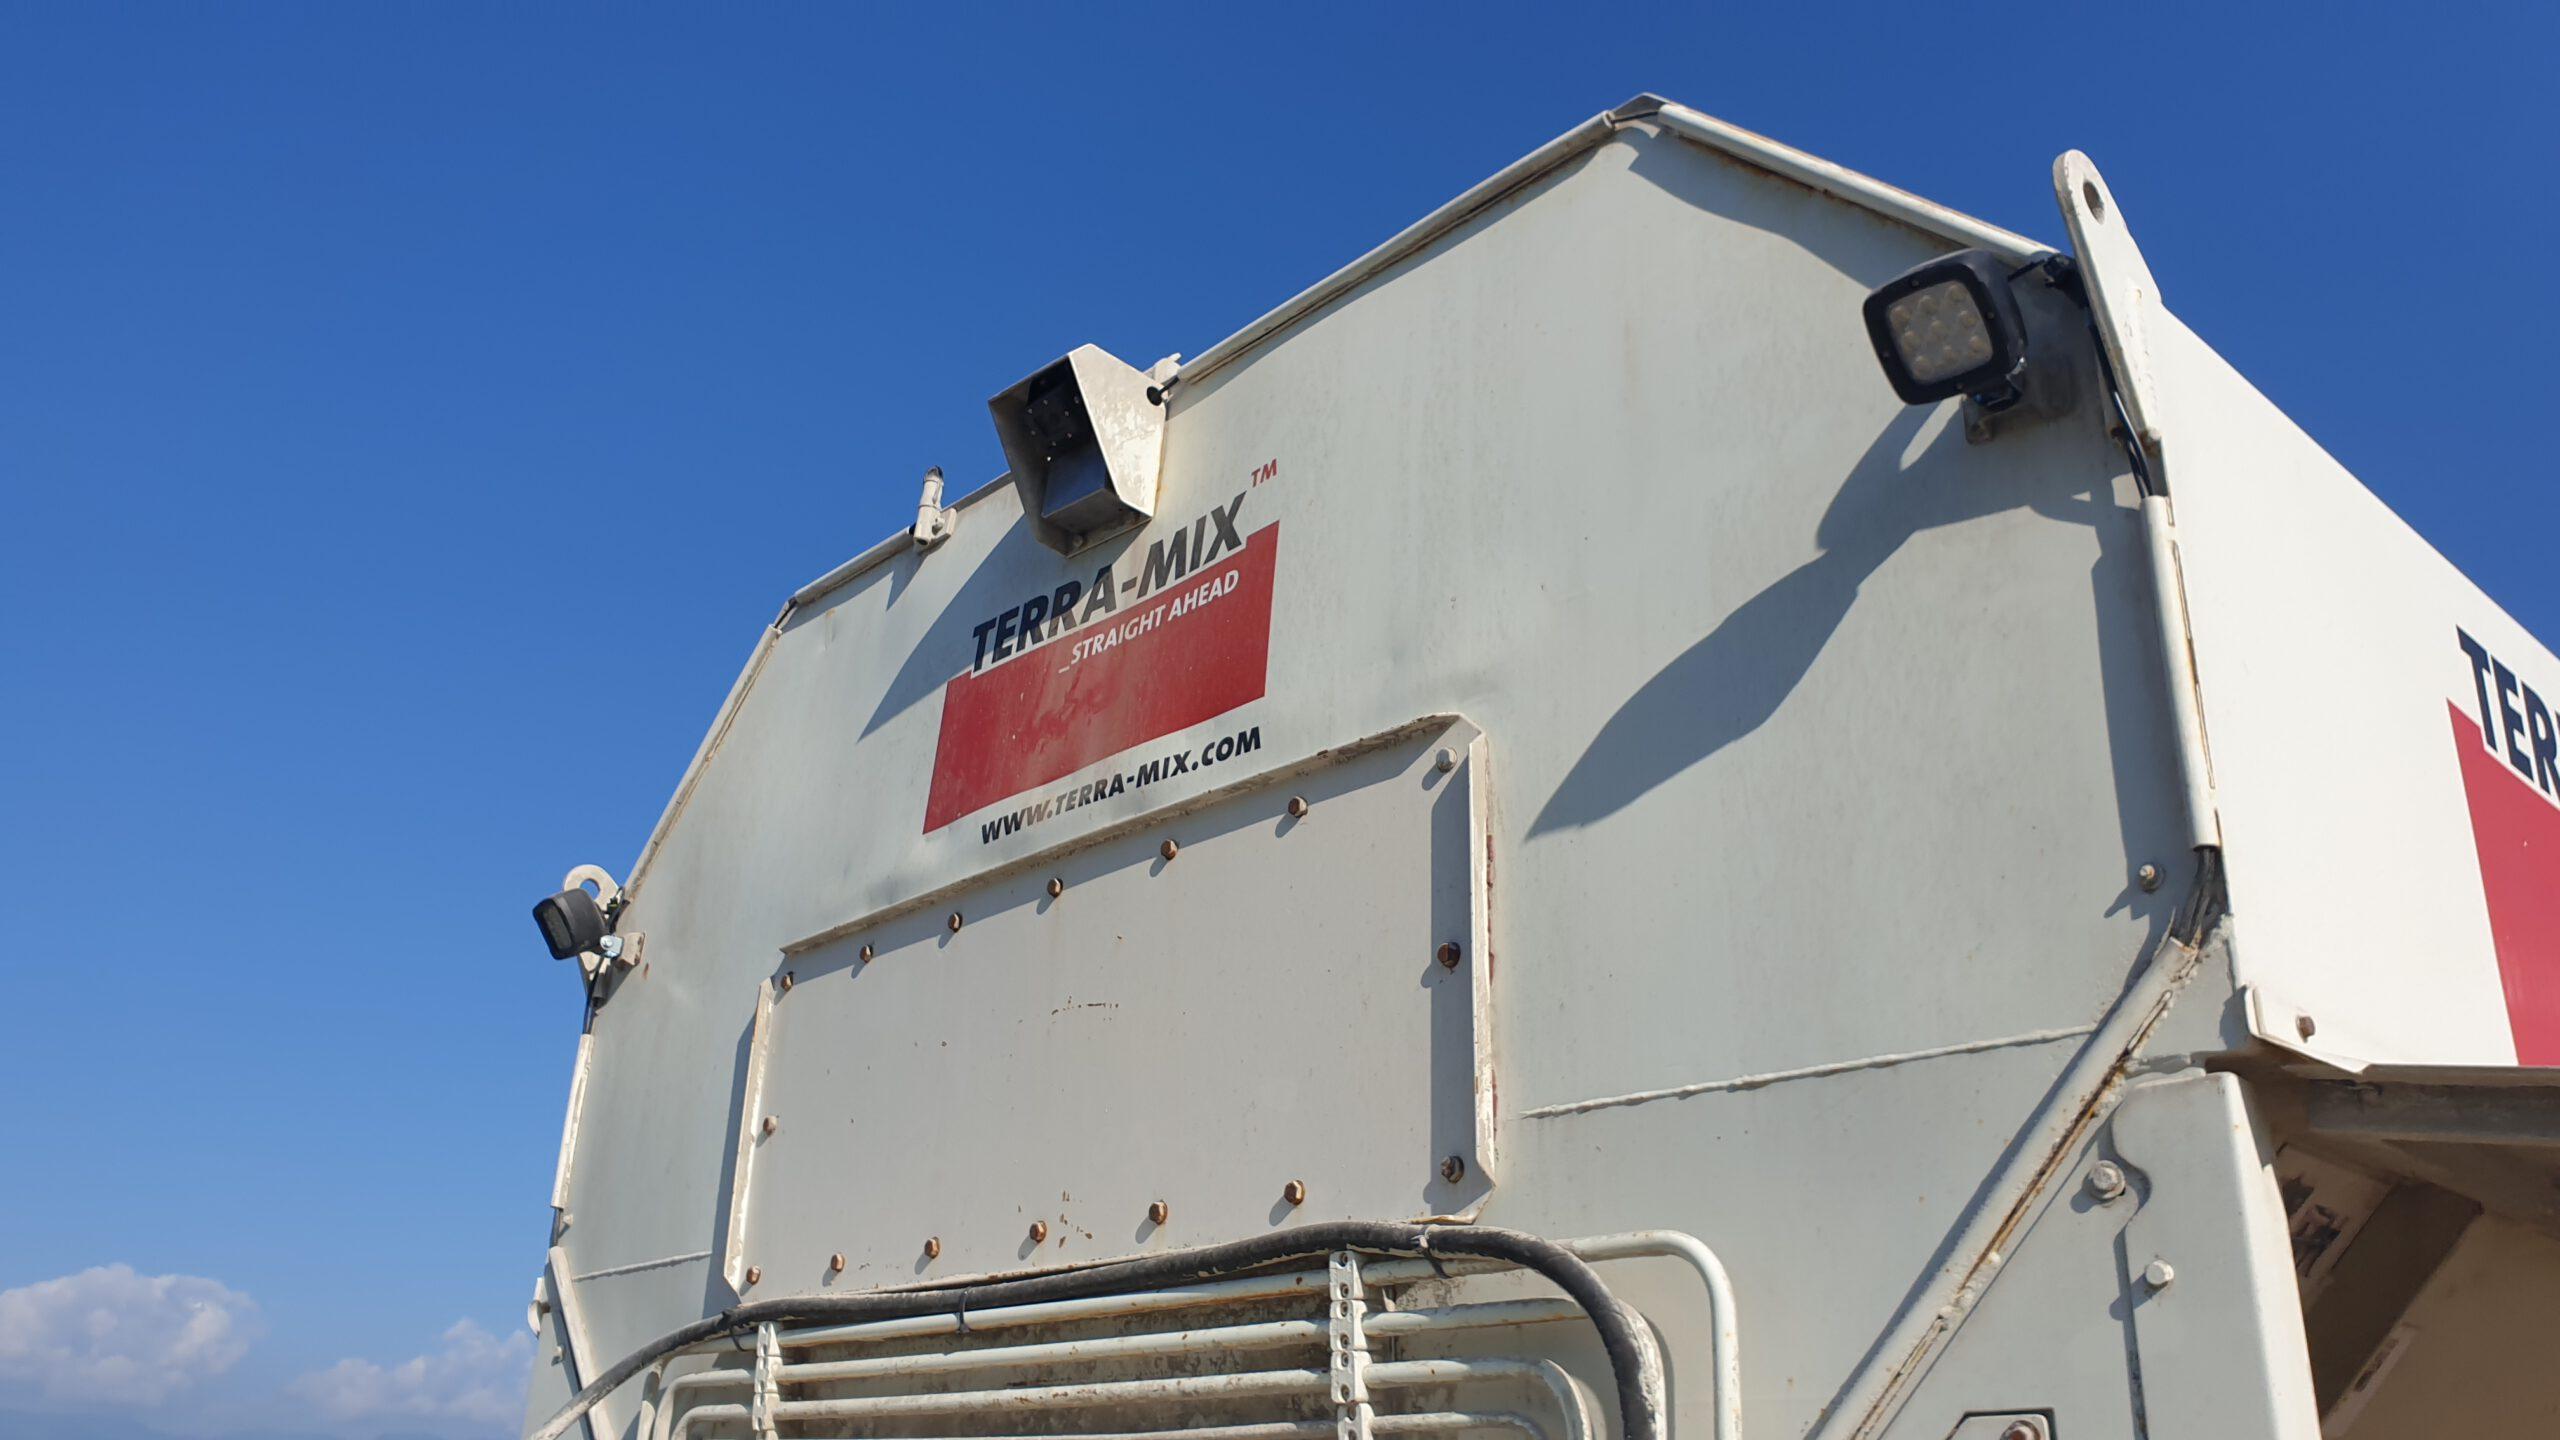 Gebrauchter IVECO Euro Trucker (Bindemittelstreuer) zu verkaufen